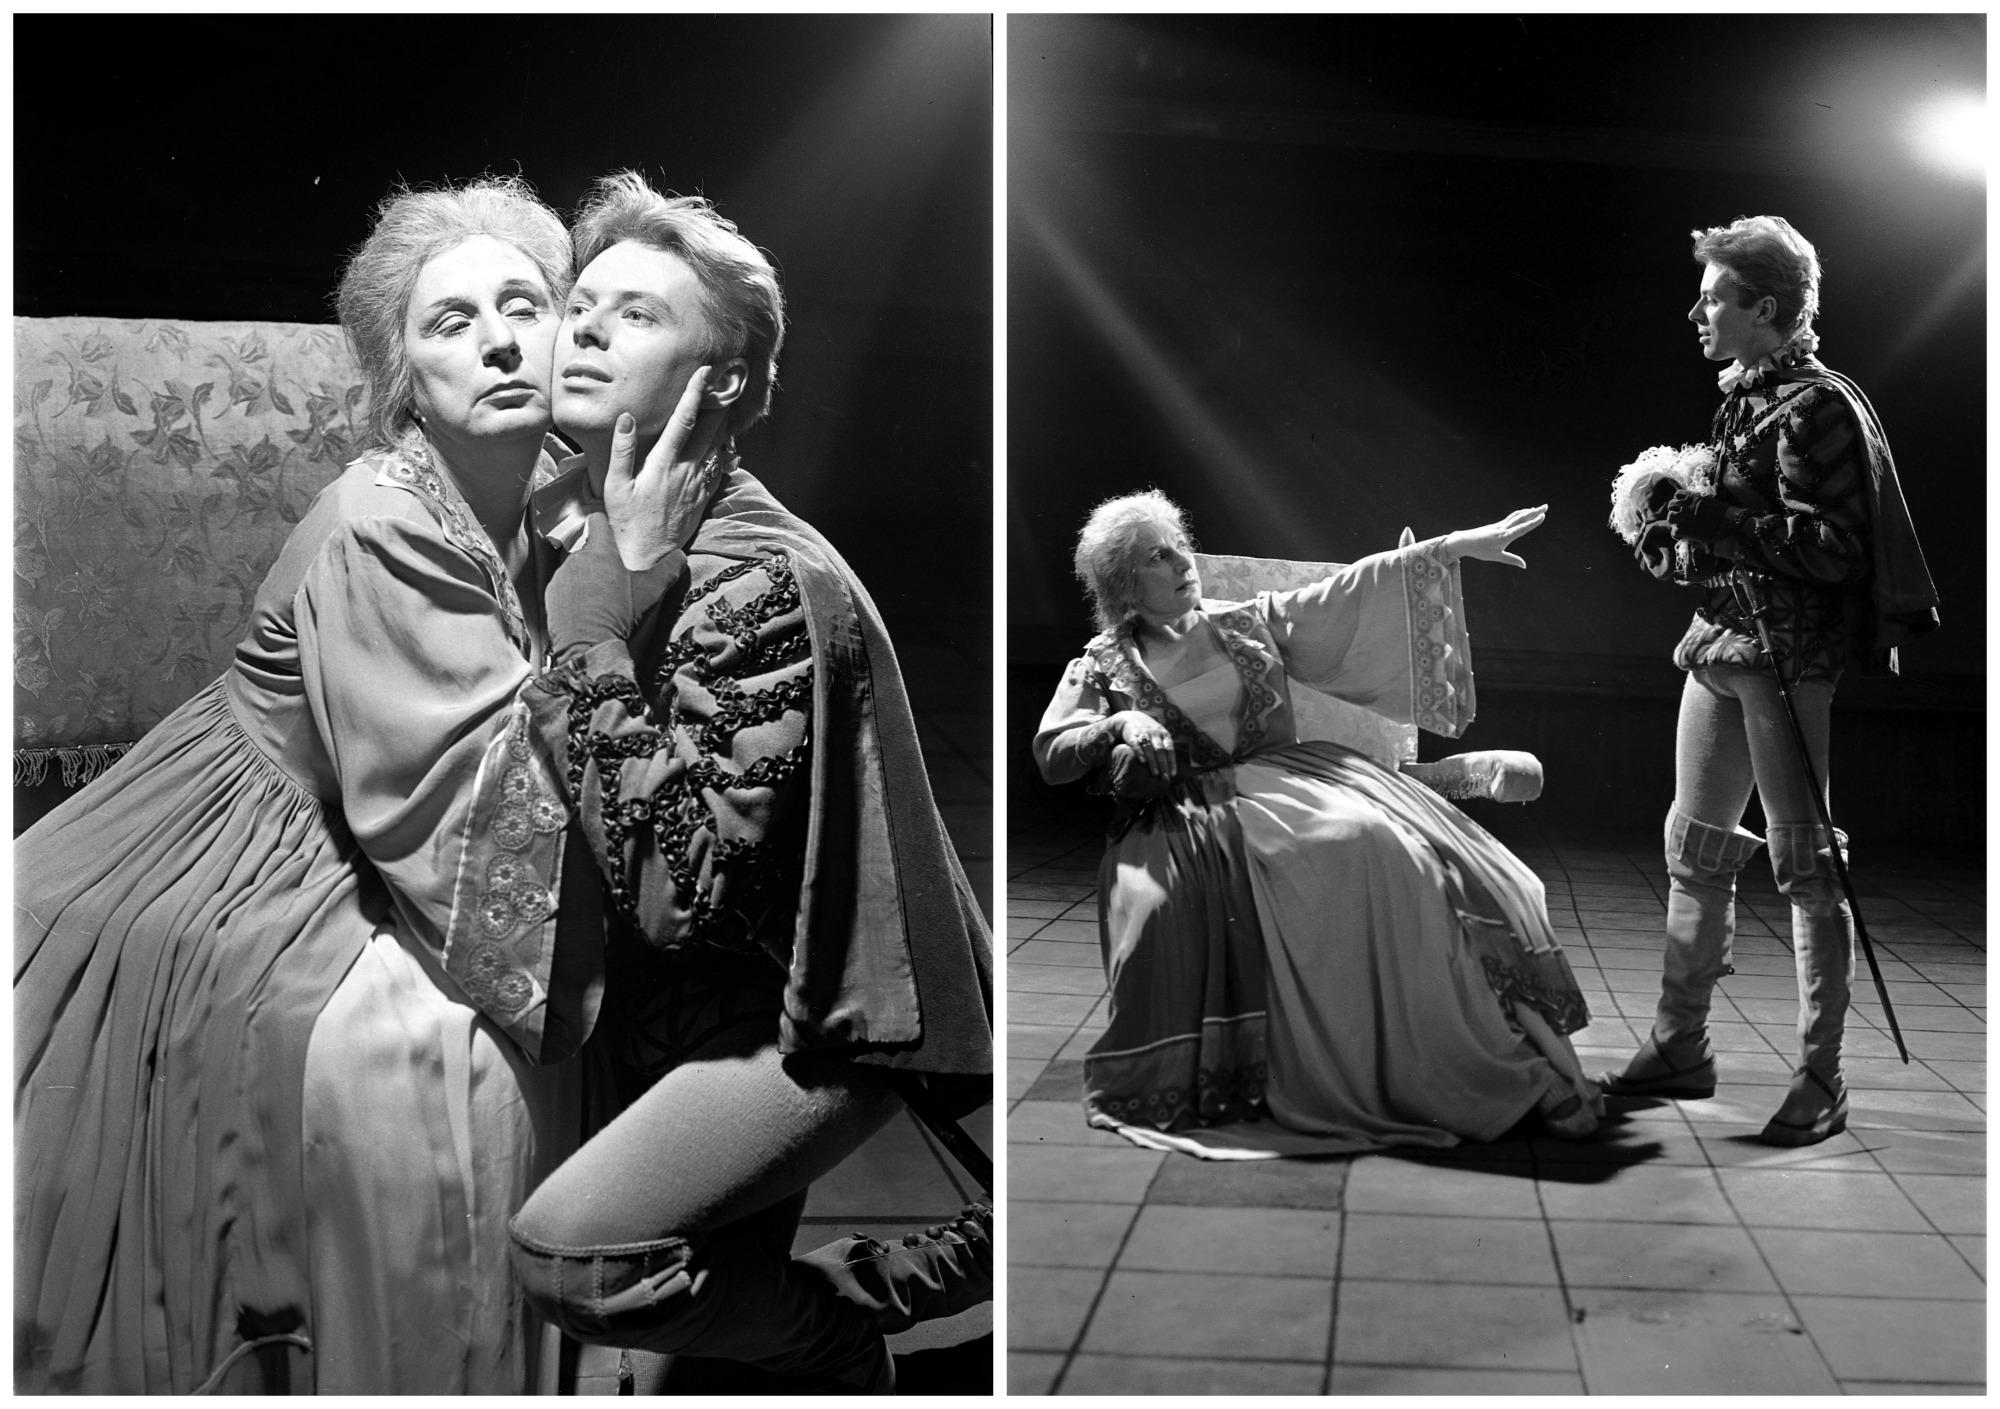 Warszawa, 1959 r. Teatr Powszechny - sztuka 'Elżbieta Królowa Anglii'. Zofia Tymowska jako Elżbieta i Jerzy Nasierowski jako Plantagenet (fot. Archiwum Fotograficzne Edwarda Hartwiga / Narodowe Archiwum Cyfrowe)